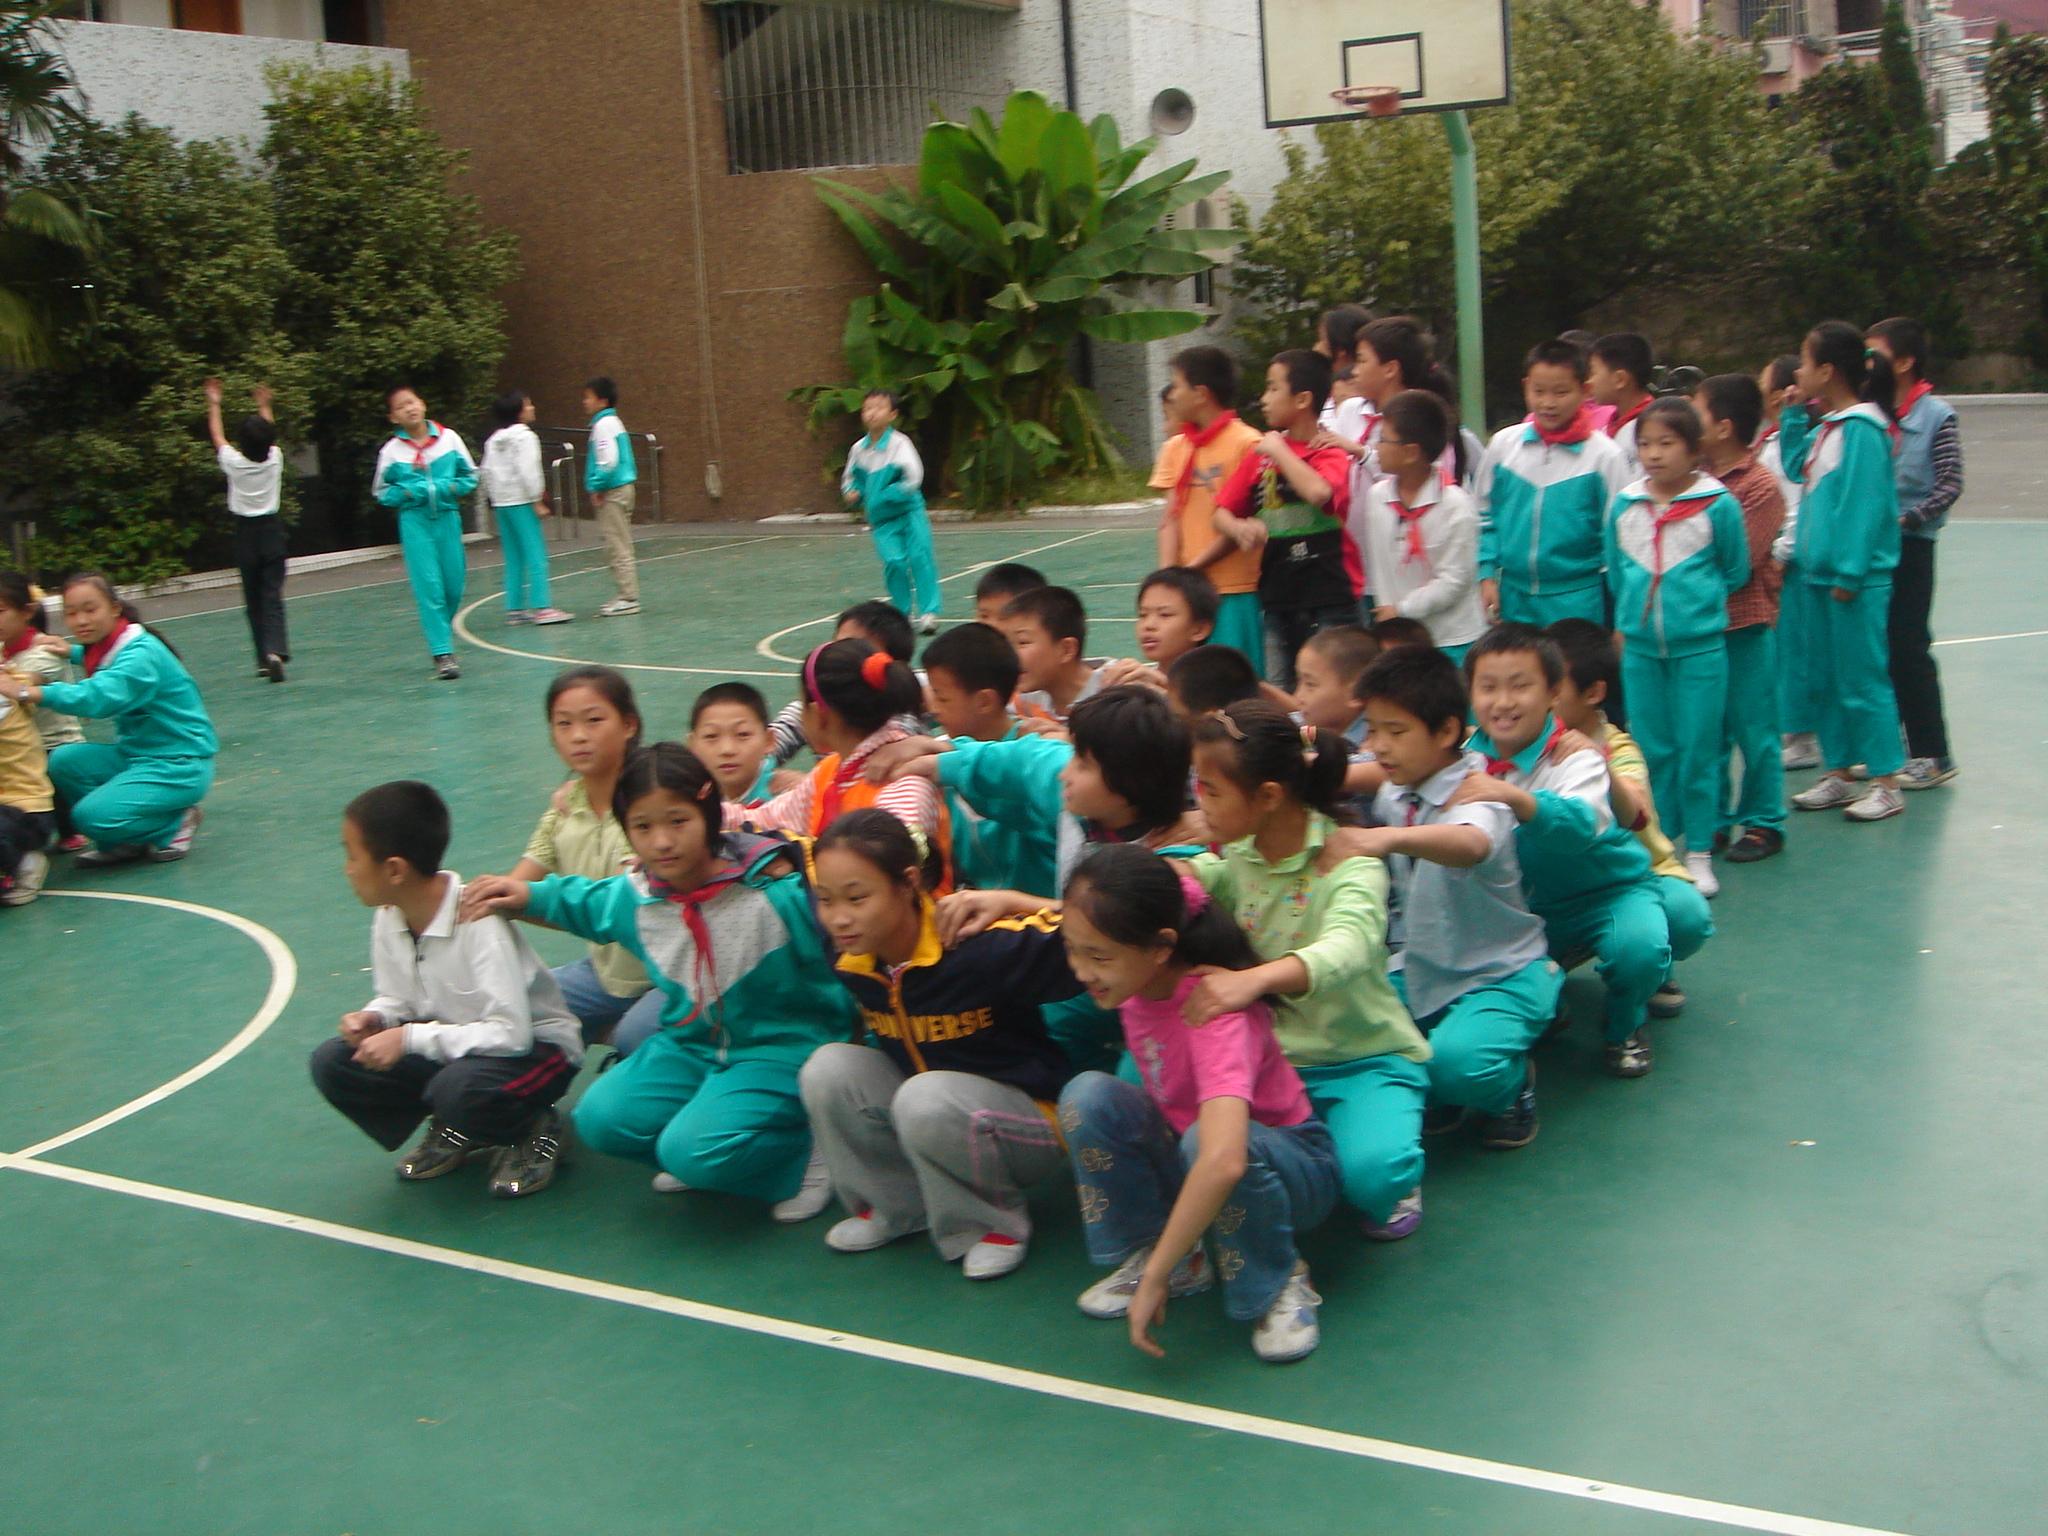 吴中路_2009学年校体育比赛照片内容吴中路小学